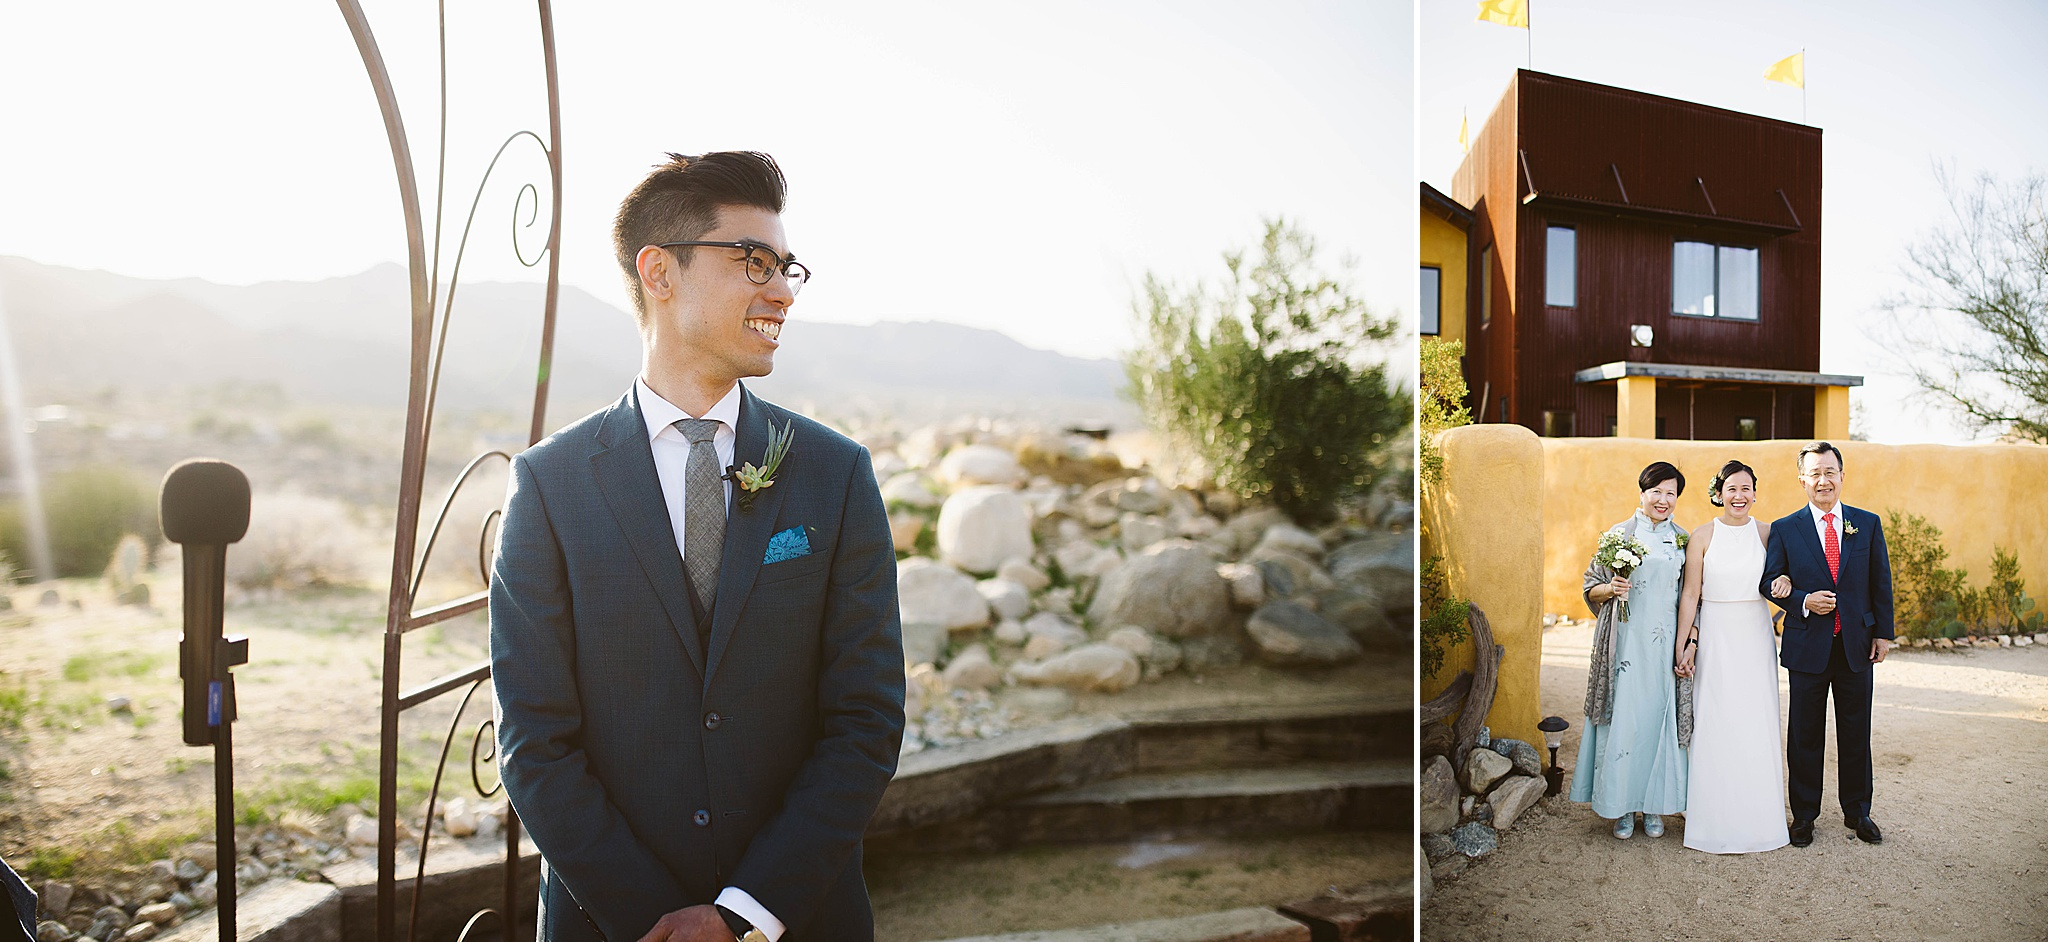 Naitonal Park Wedding ideas in Joshua Tree